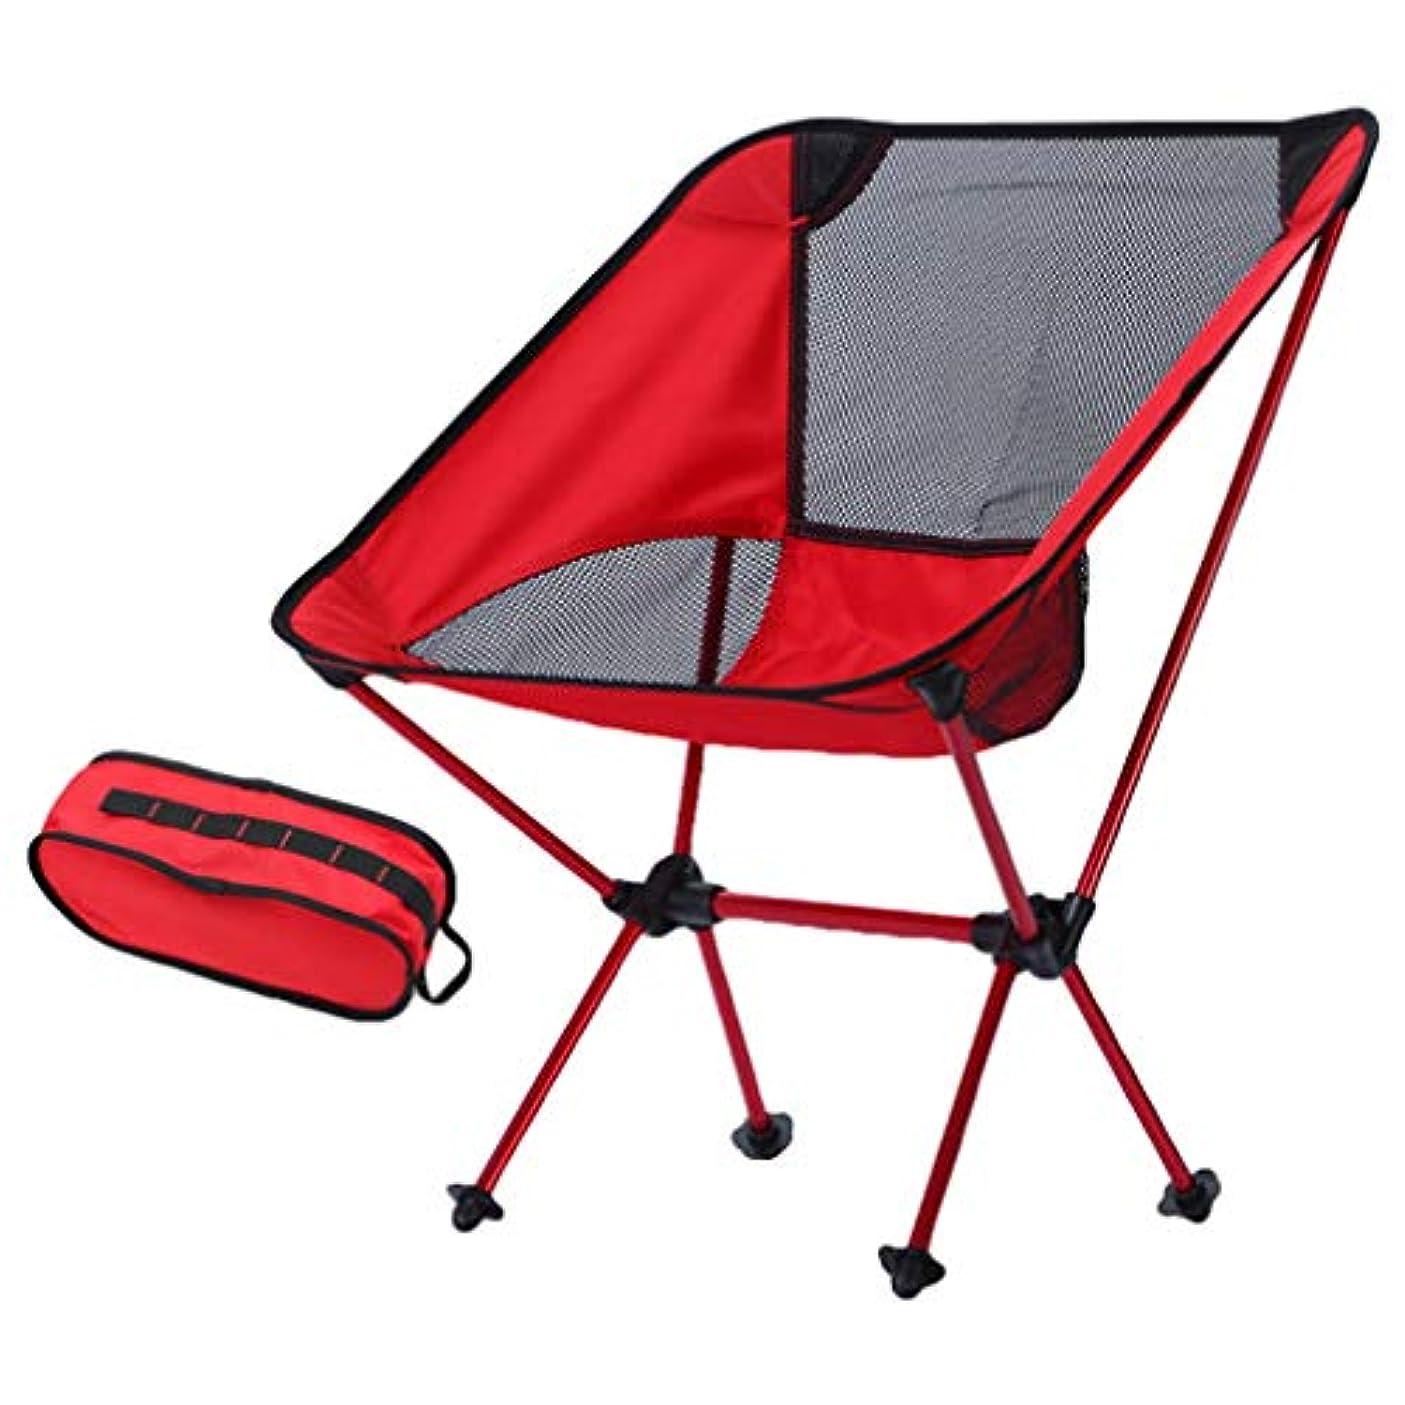 枕被る放課後Xiang Ru アウトドアチェア 椅子 折りたたみ 持ち運び 軽量 携帯便利 収納袋付き 収納バック付き キャンプ ピクニック